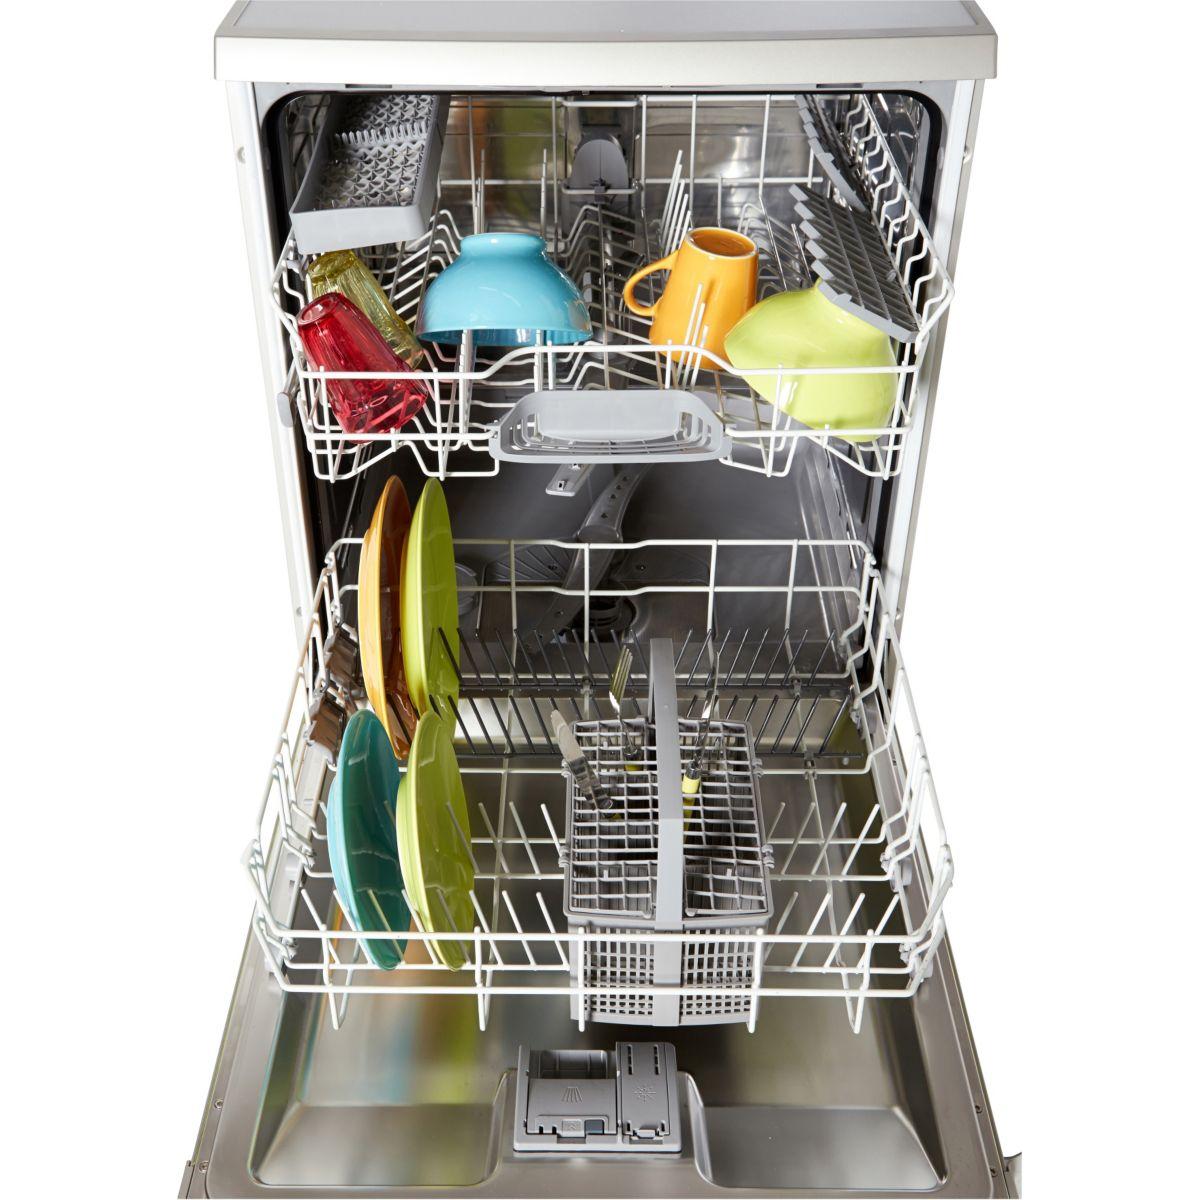 lectrom nager lave vaisselle 60cm bosch sms40d18eu 2 de remise imm diate avec le code. Black Bedroom Furniture Sets. Home Design Ideas